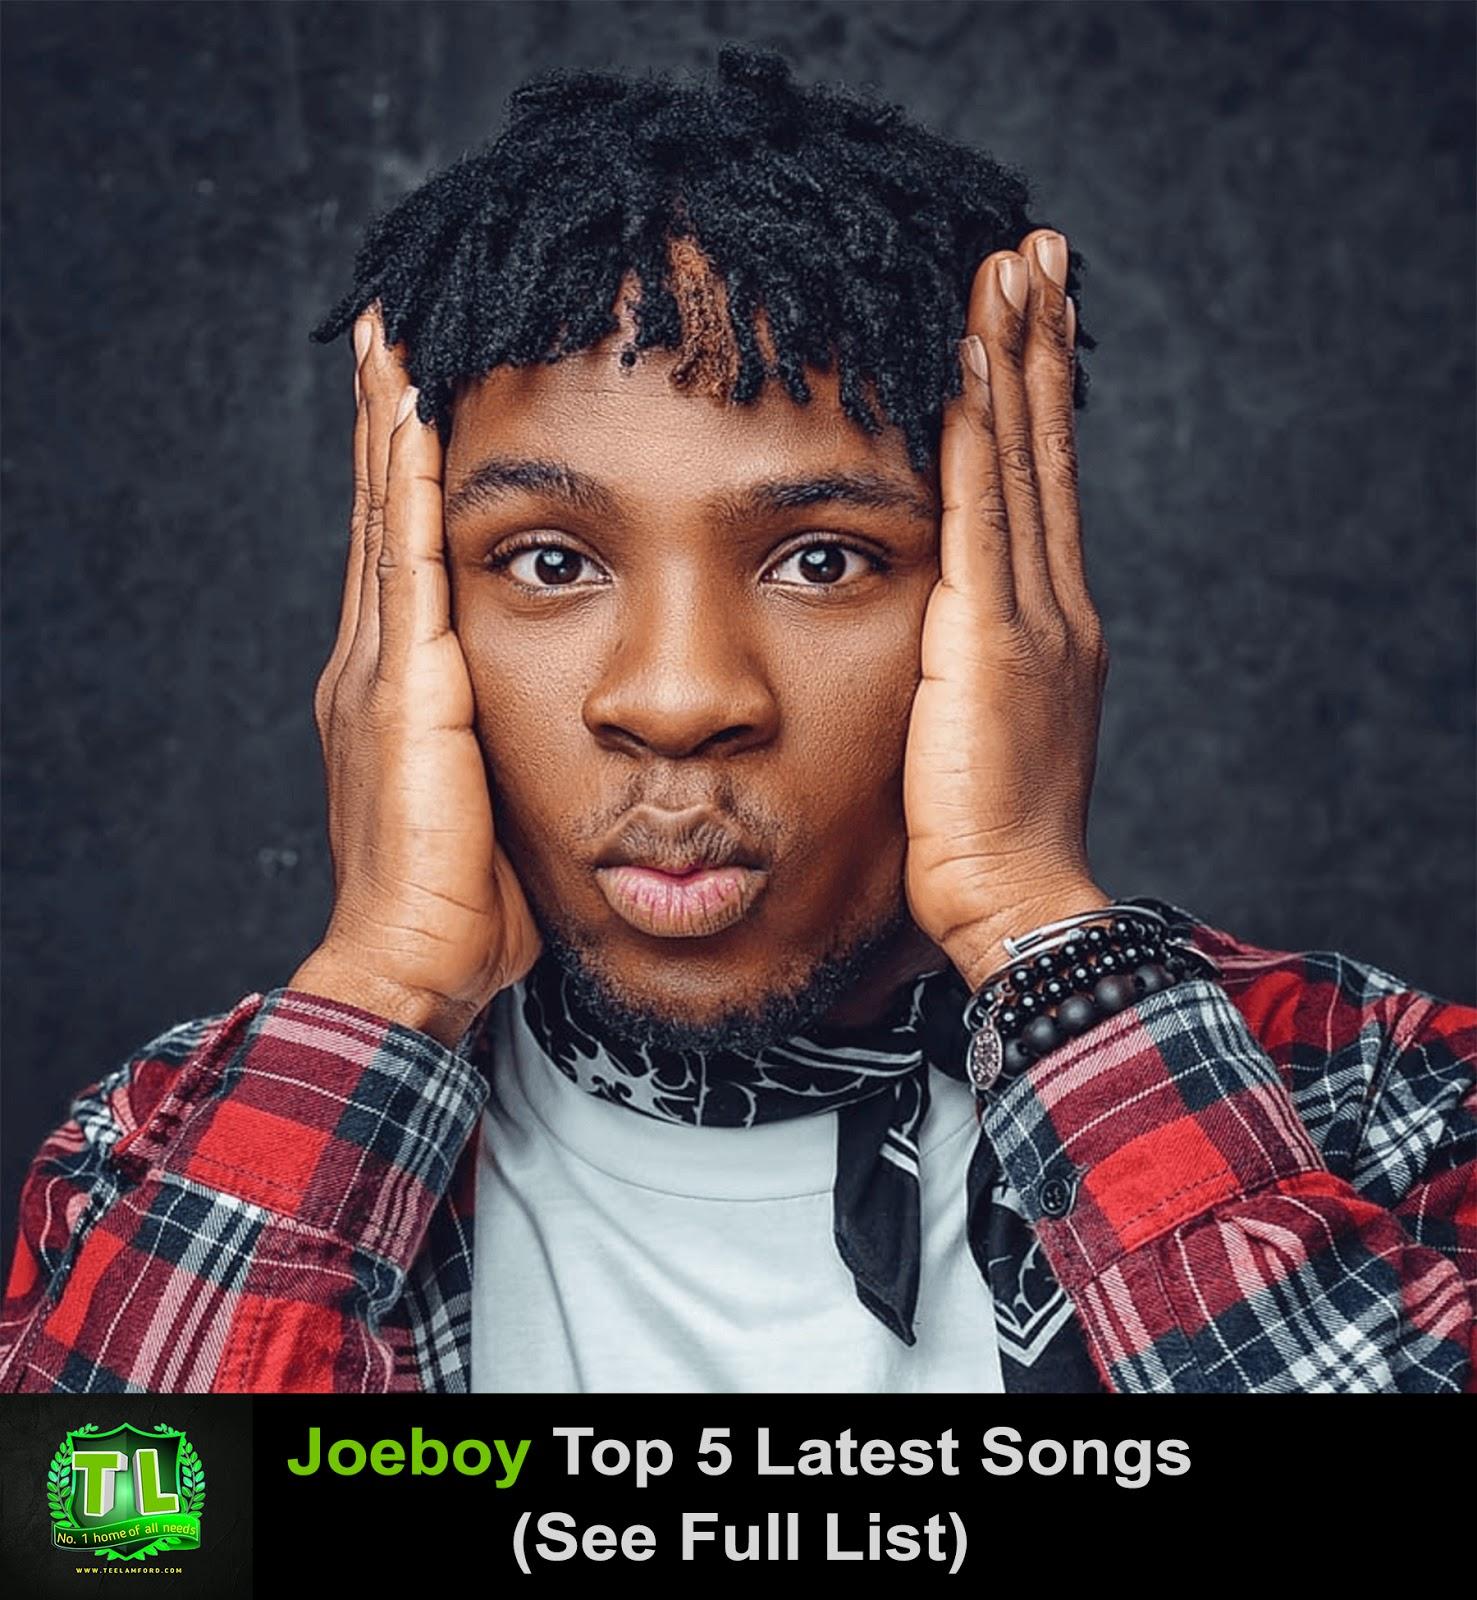 joeboy-top-5-latest-songs-see-full-list